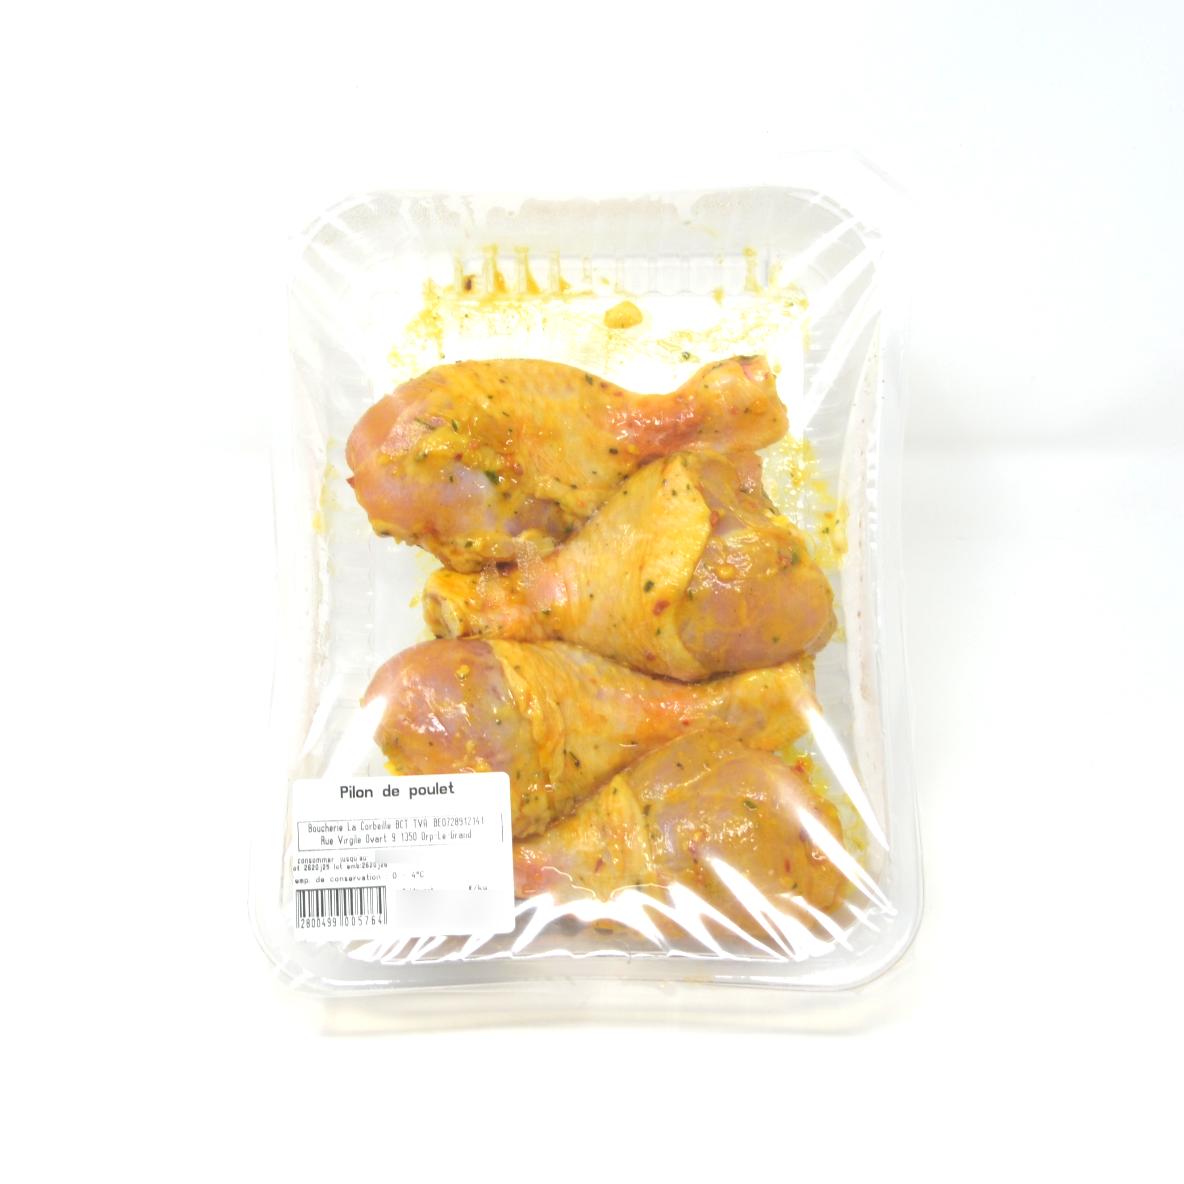 Pilons de poulet marinés 3 ou 4p. +/- 450g boucherie La Corbeille